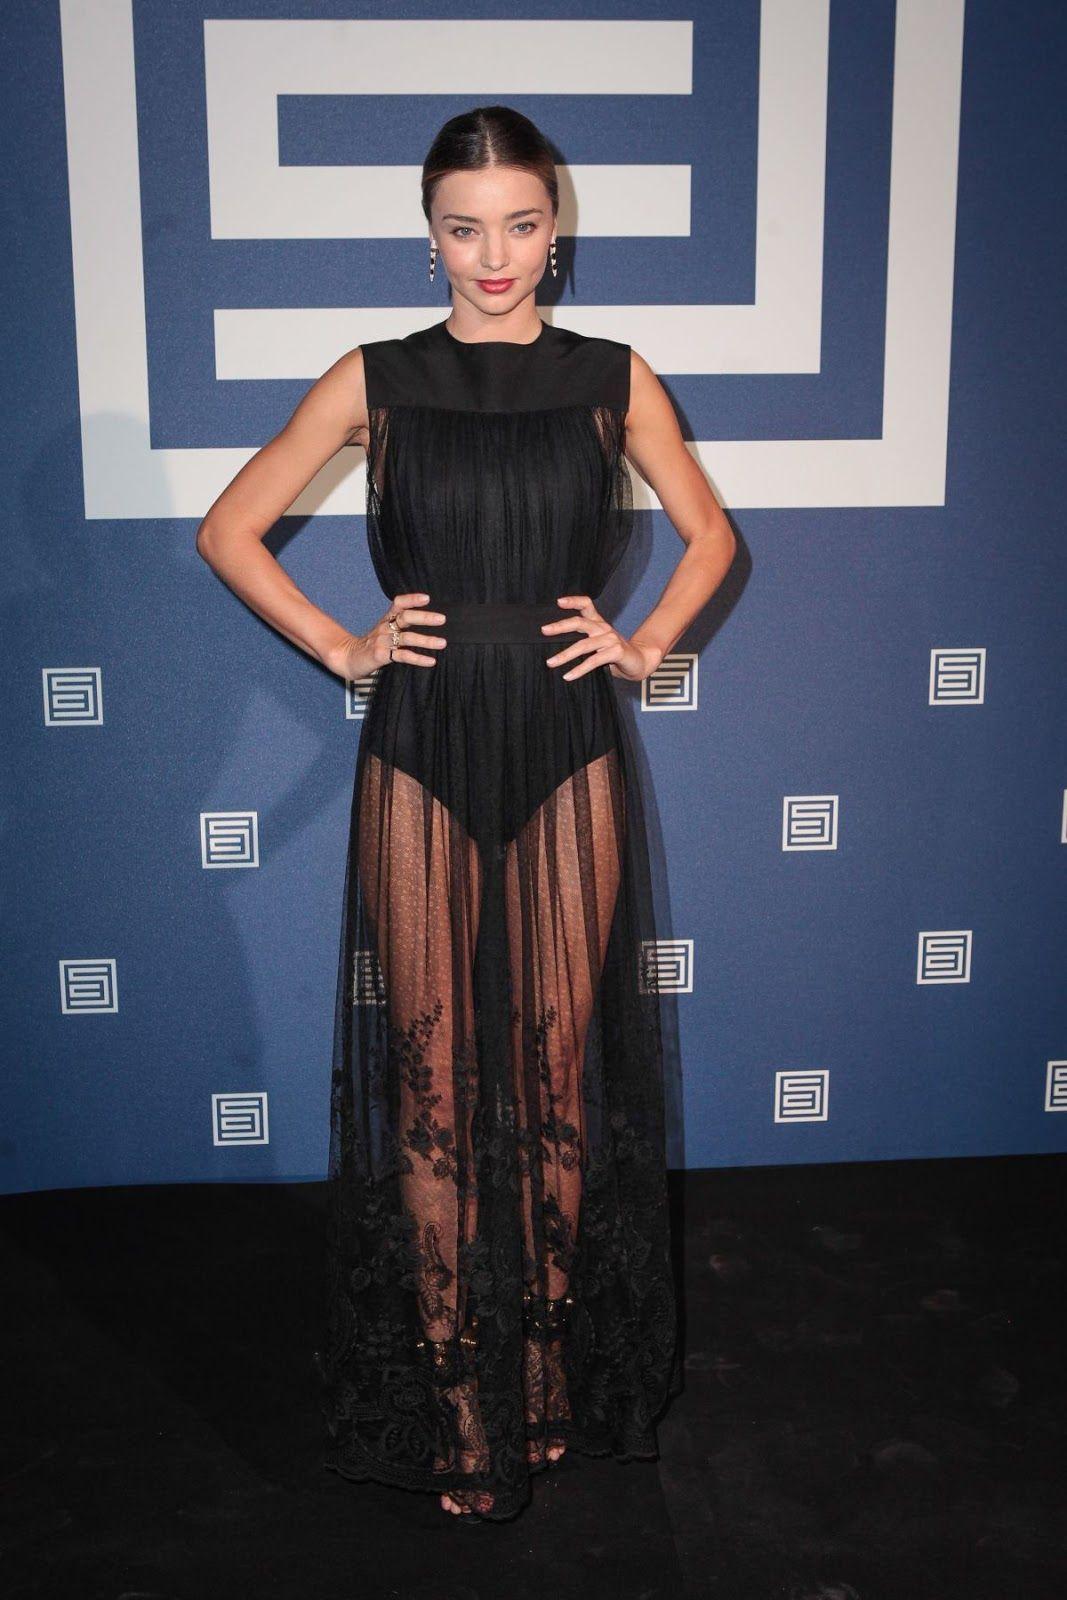 cdc61408deed8 Agarre seu vestido preto transparente